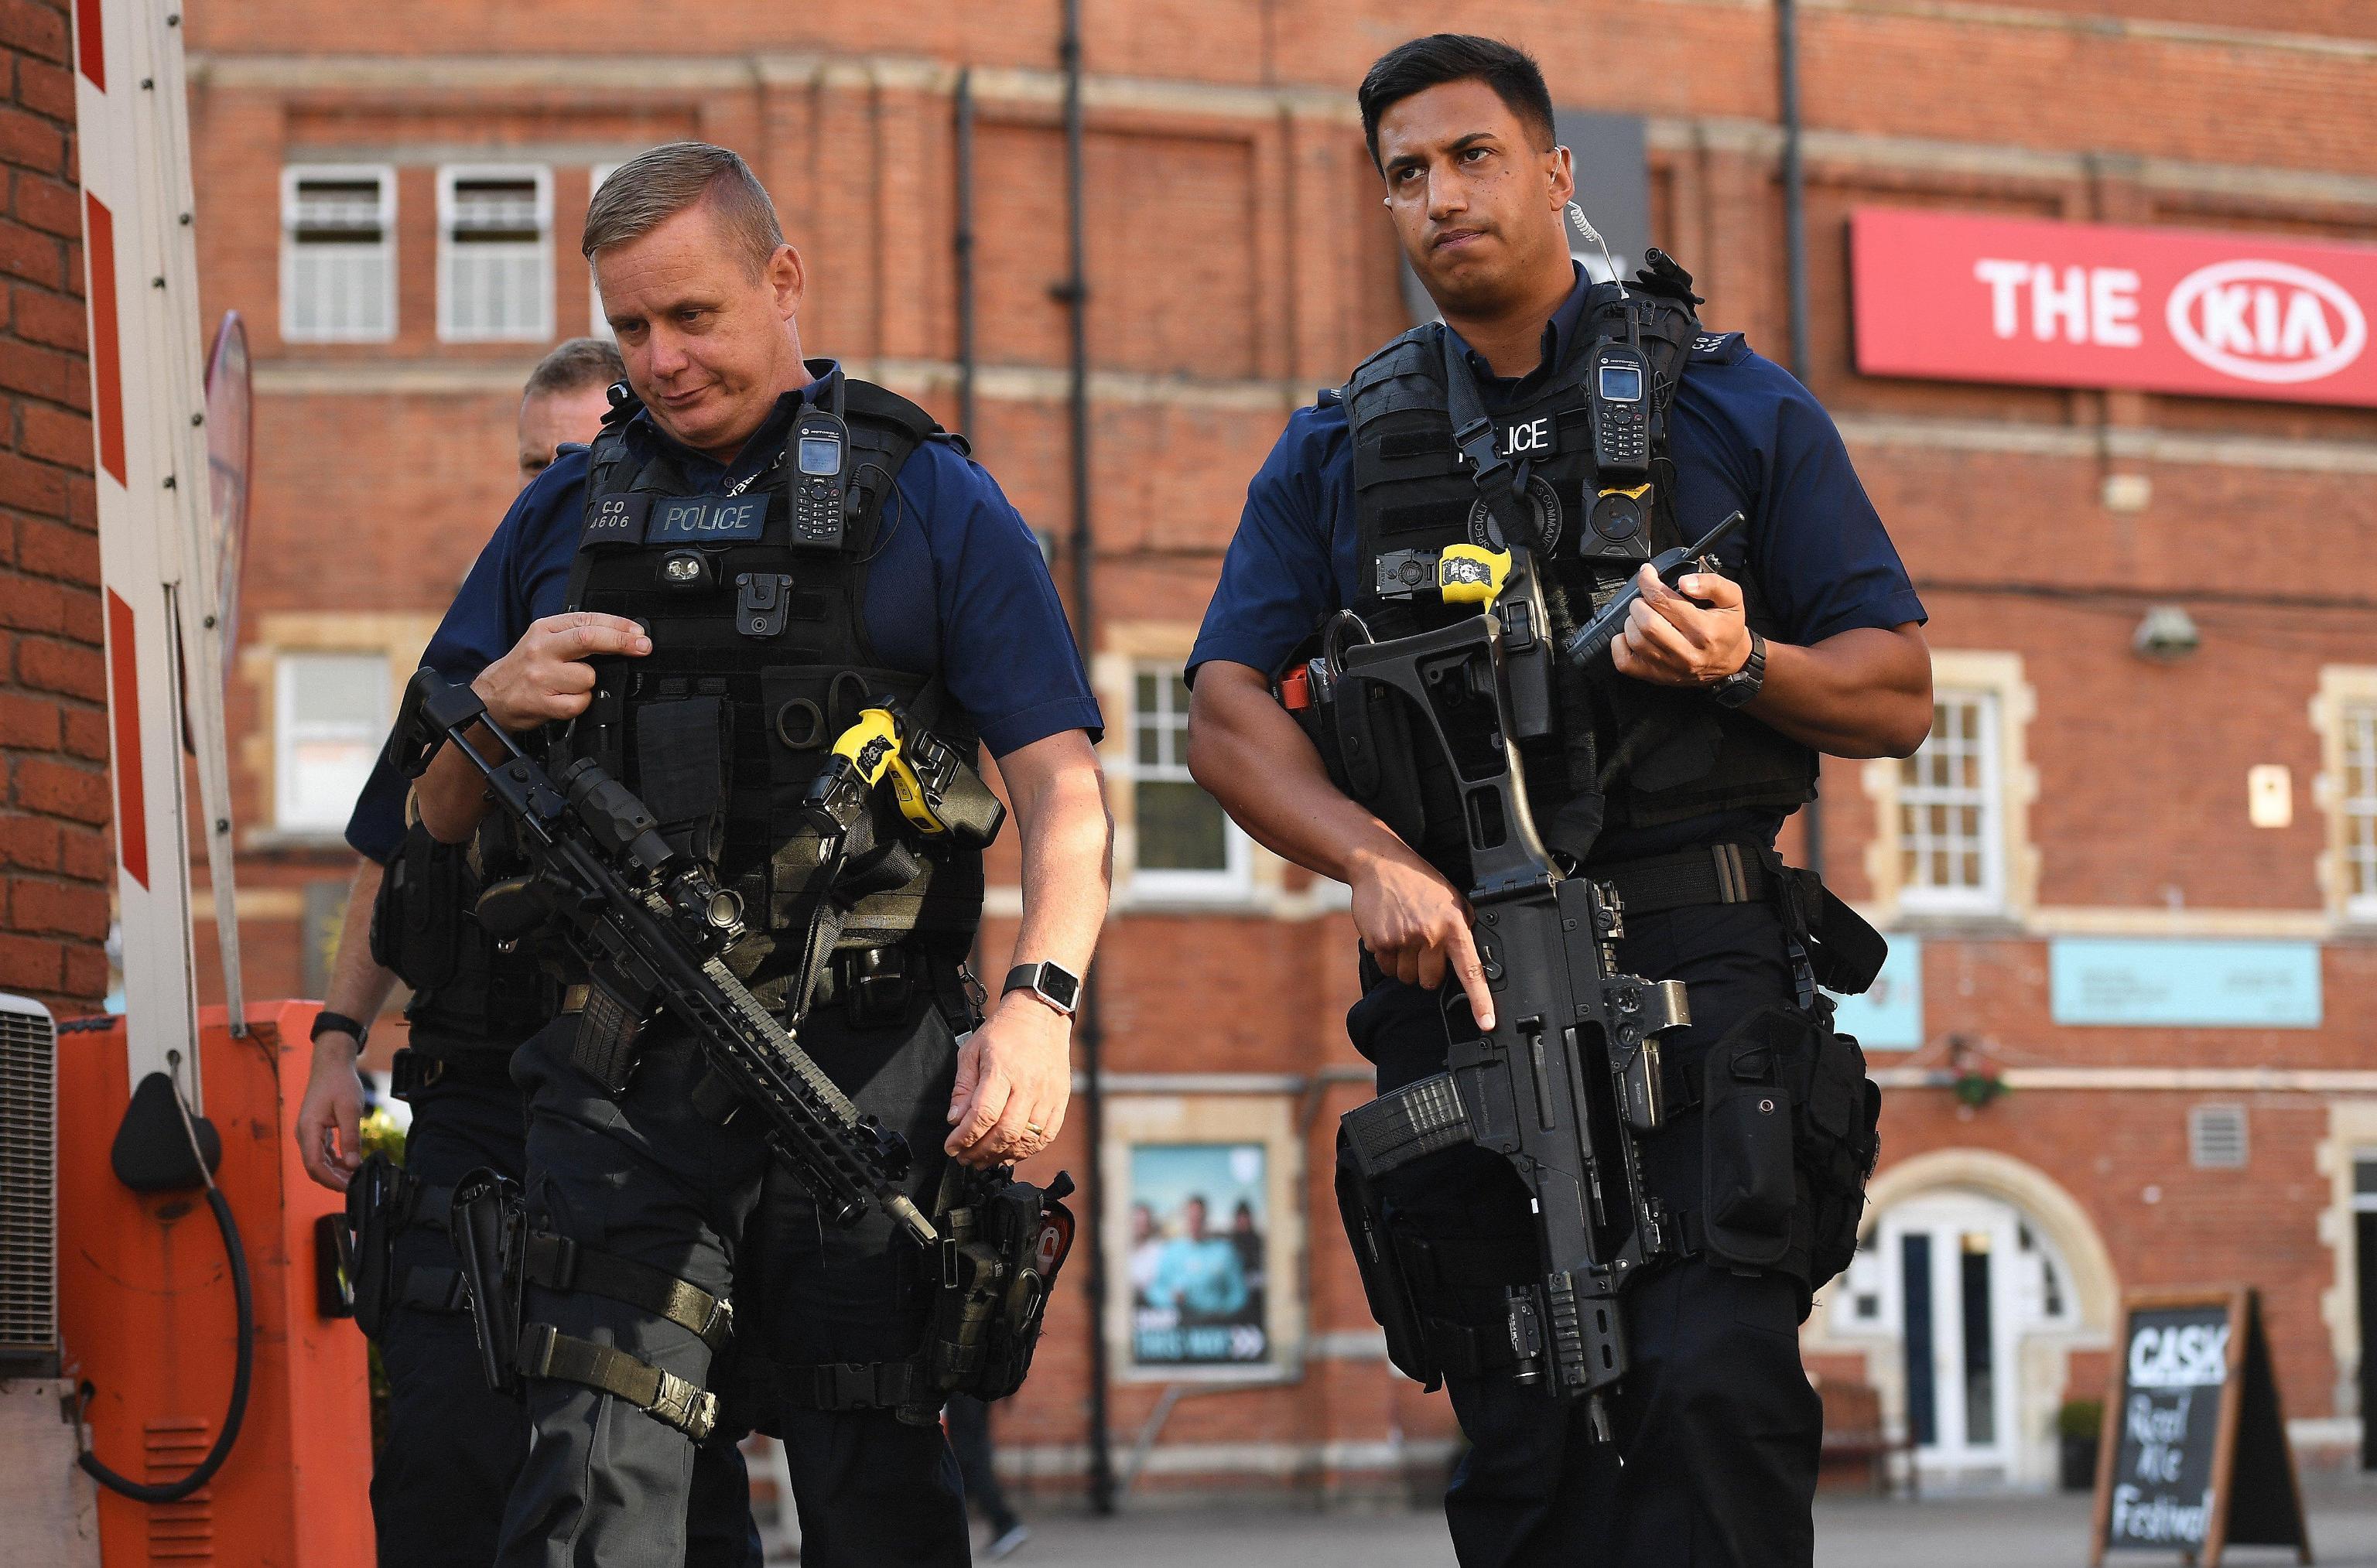 Gran Bretagna, arrestati soldati legati al gruppo neonazista fuorilegge National Action